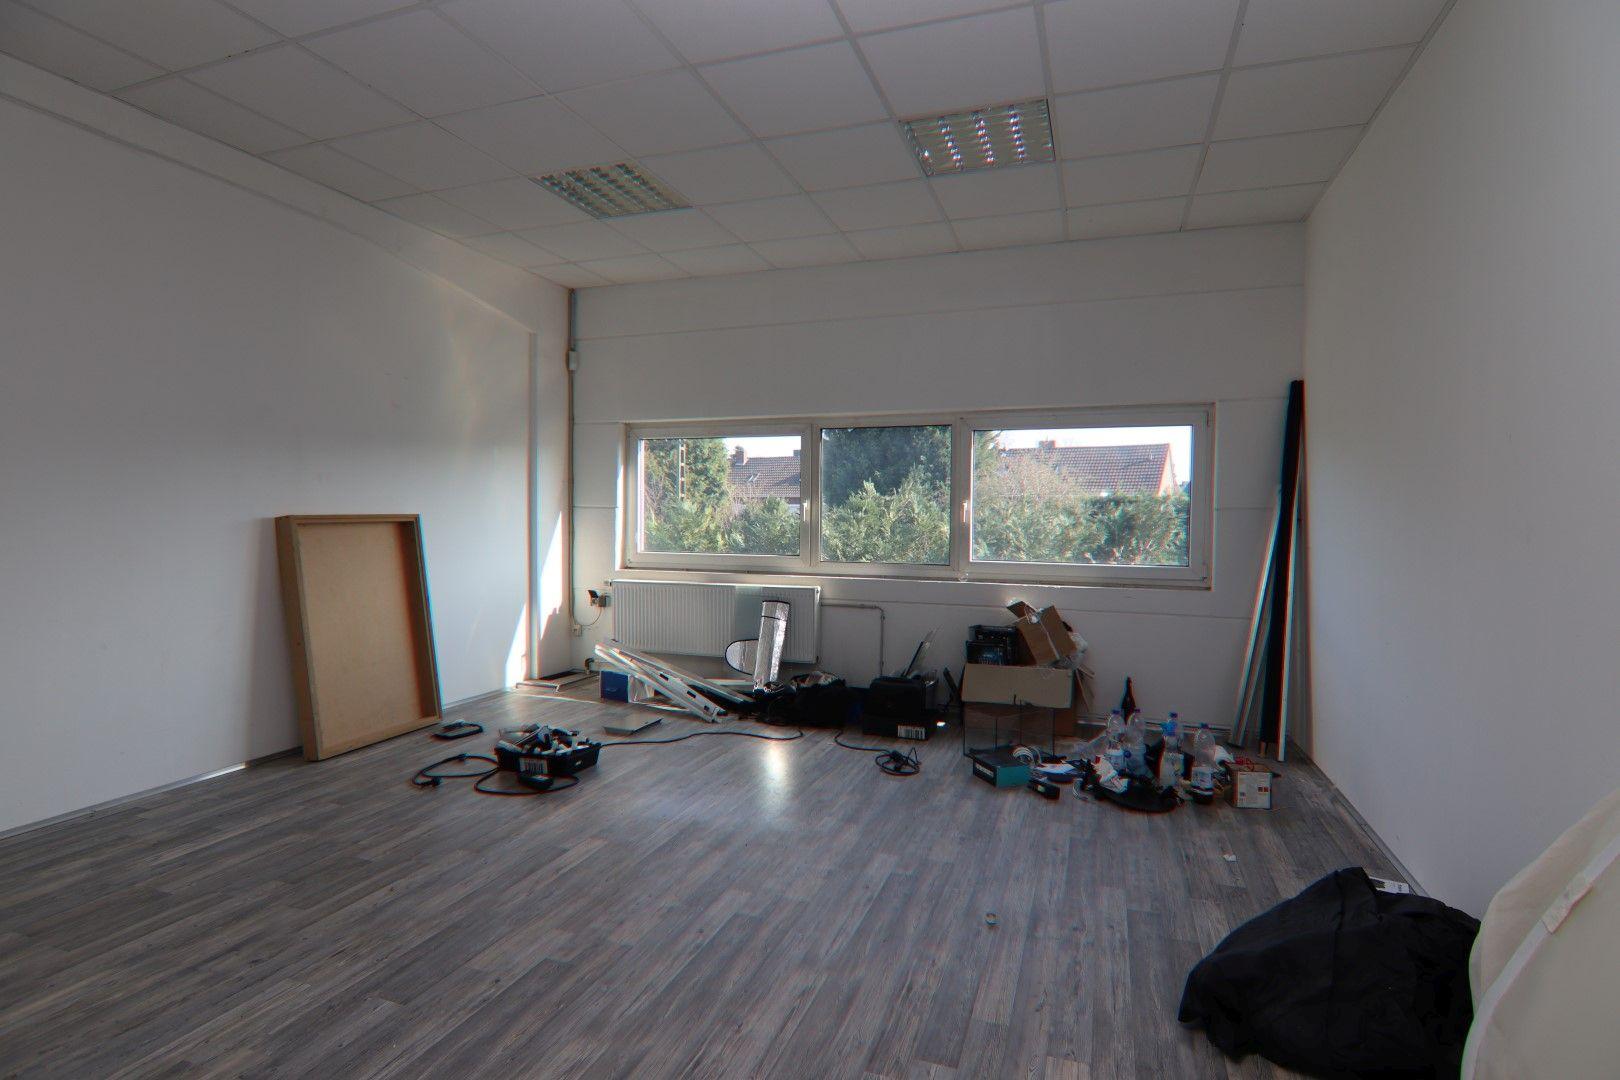 Immobilie Nr.0293 - Hallenfläche mit Büro- und Sozialräumen - Bild 3.jpg